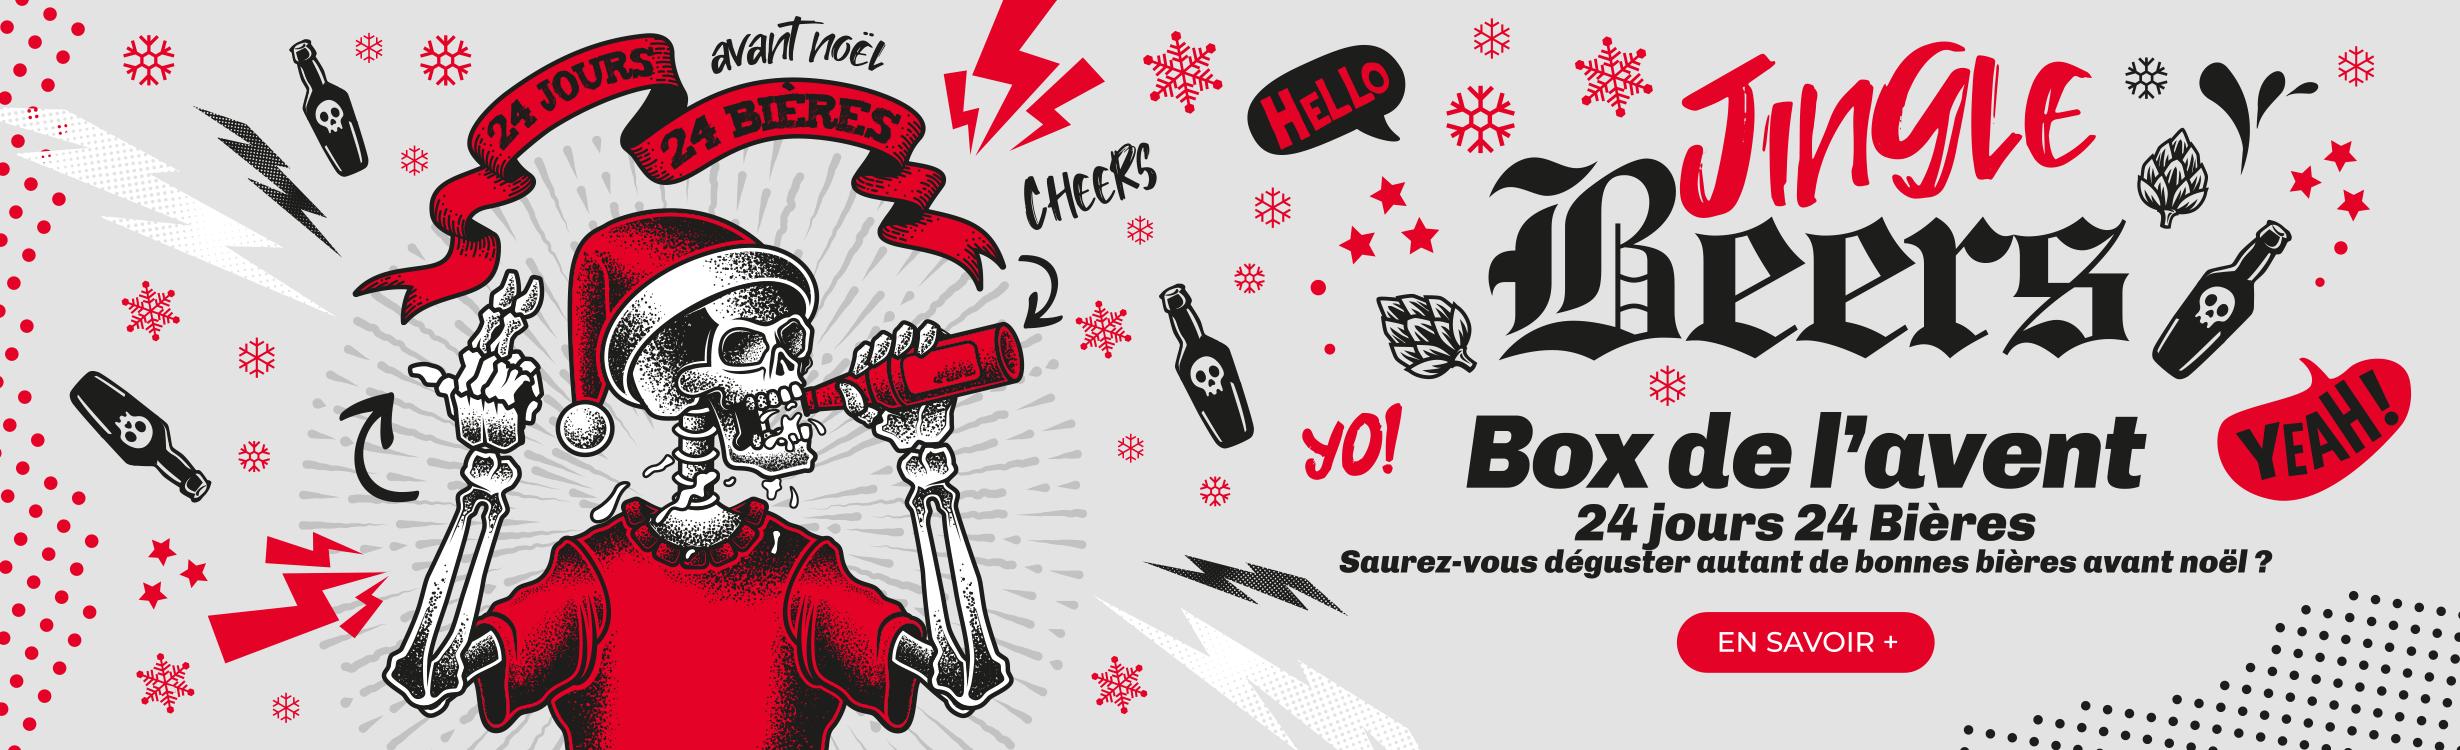 Box de l'avent - 24 jours / 24 Bières - Saurez-vous déguster autant de bonnes bières avant Noël ?